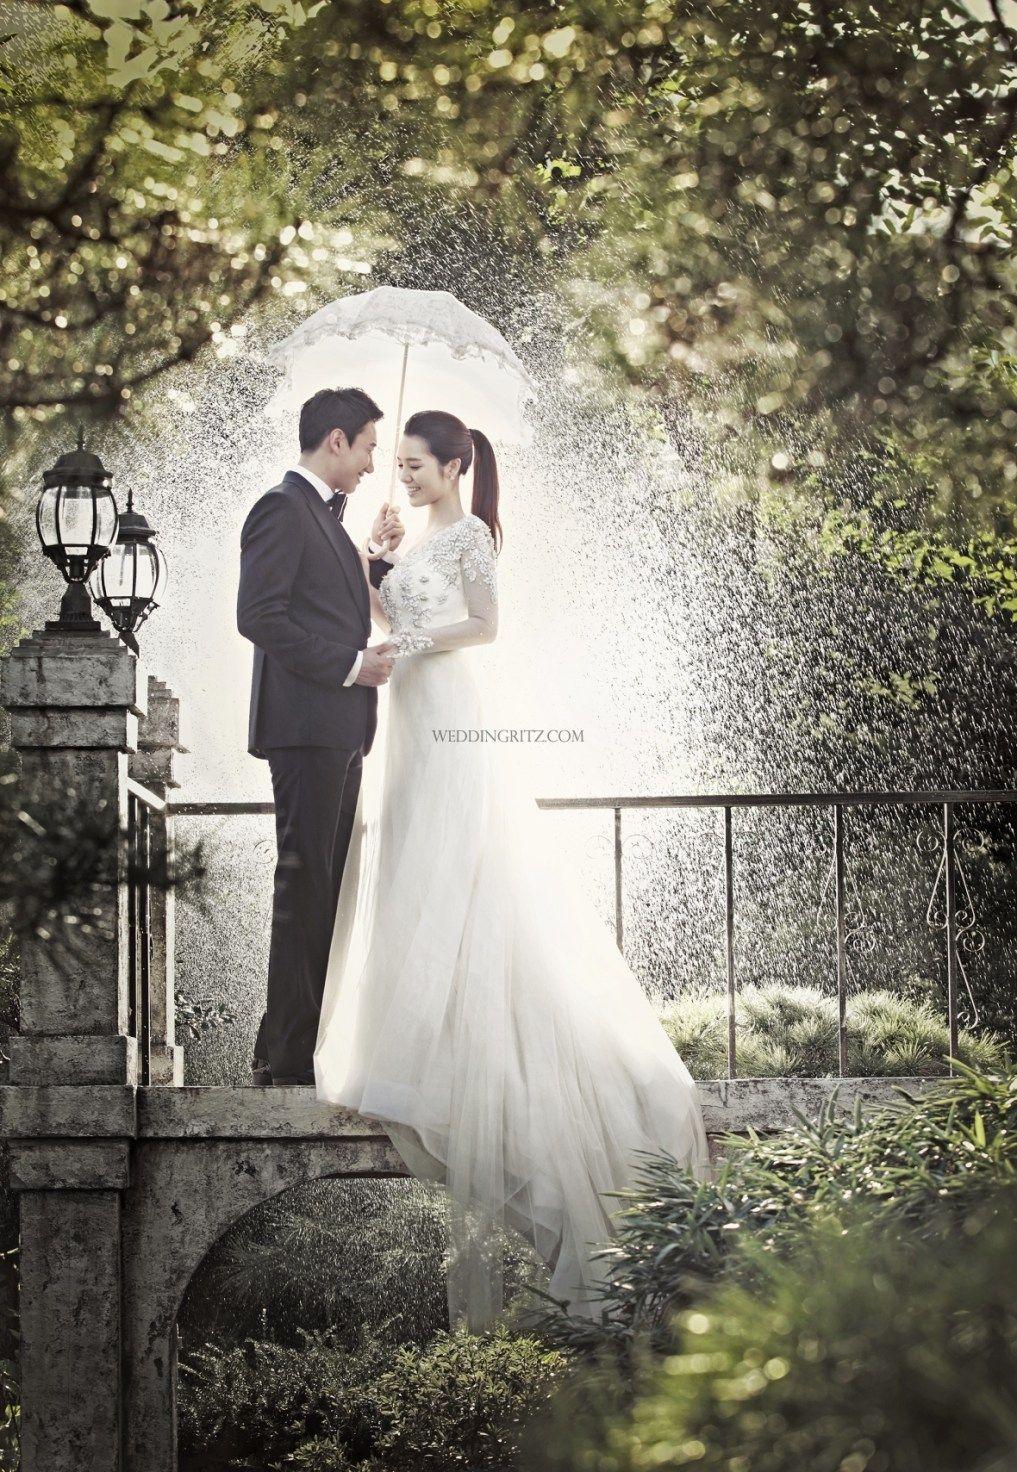 40 Korean Romantic Pre Wedding Theme Photoshoot Ideas Korean